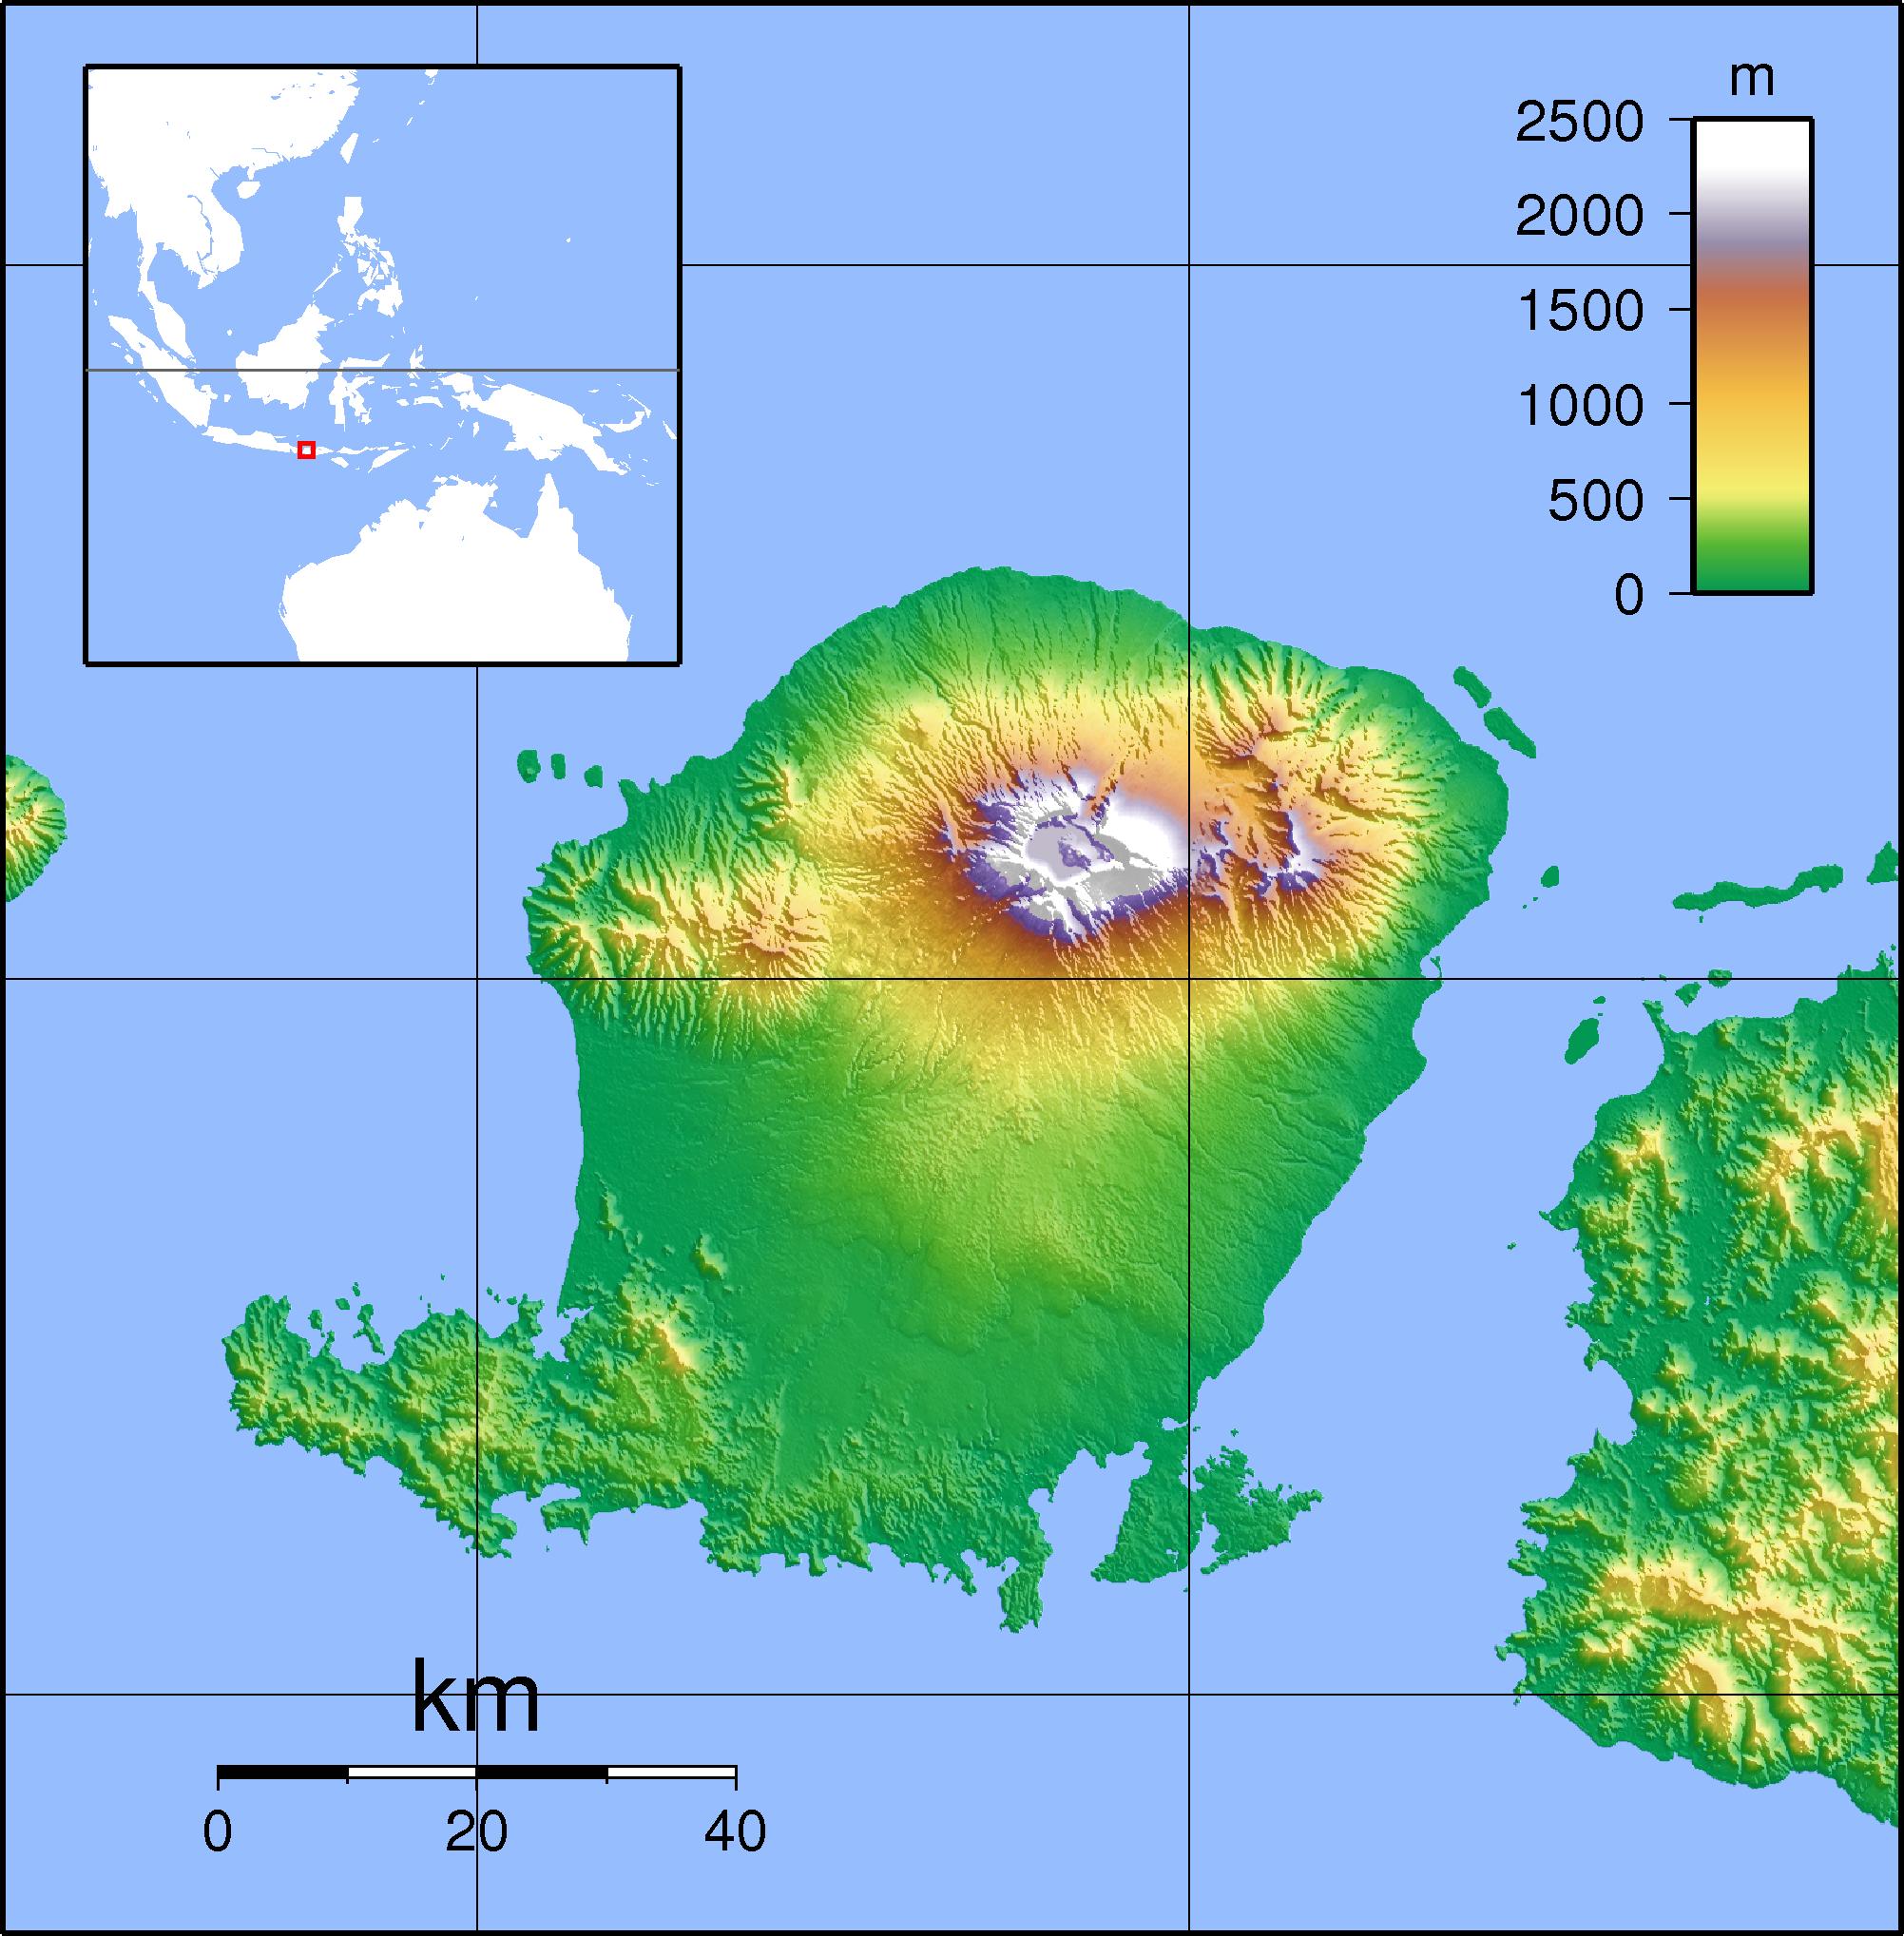 Lombok aardbeving - Hou noodfrequentie 7,110 MHz en IO-86 satelliet vrij!